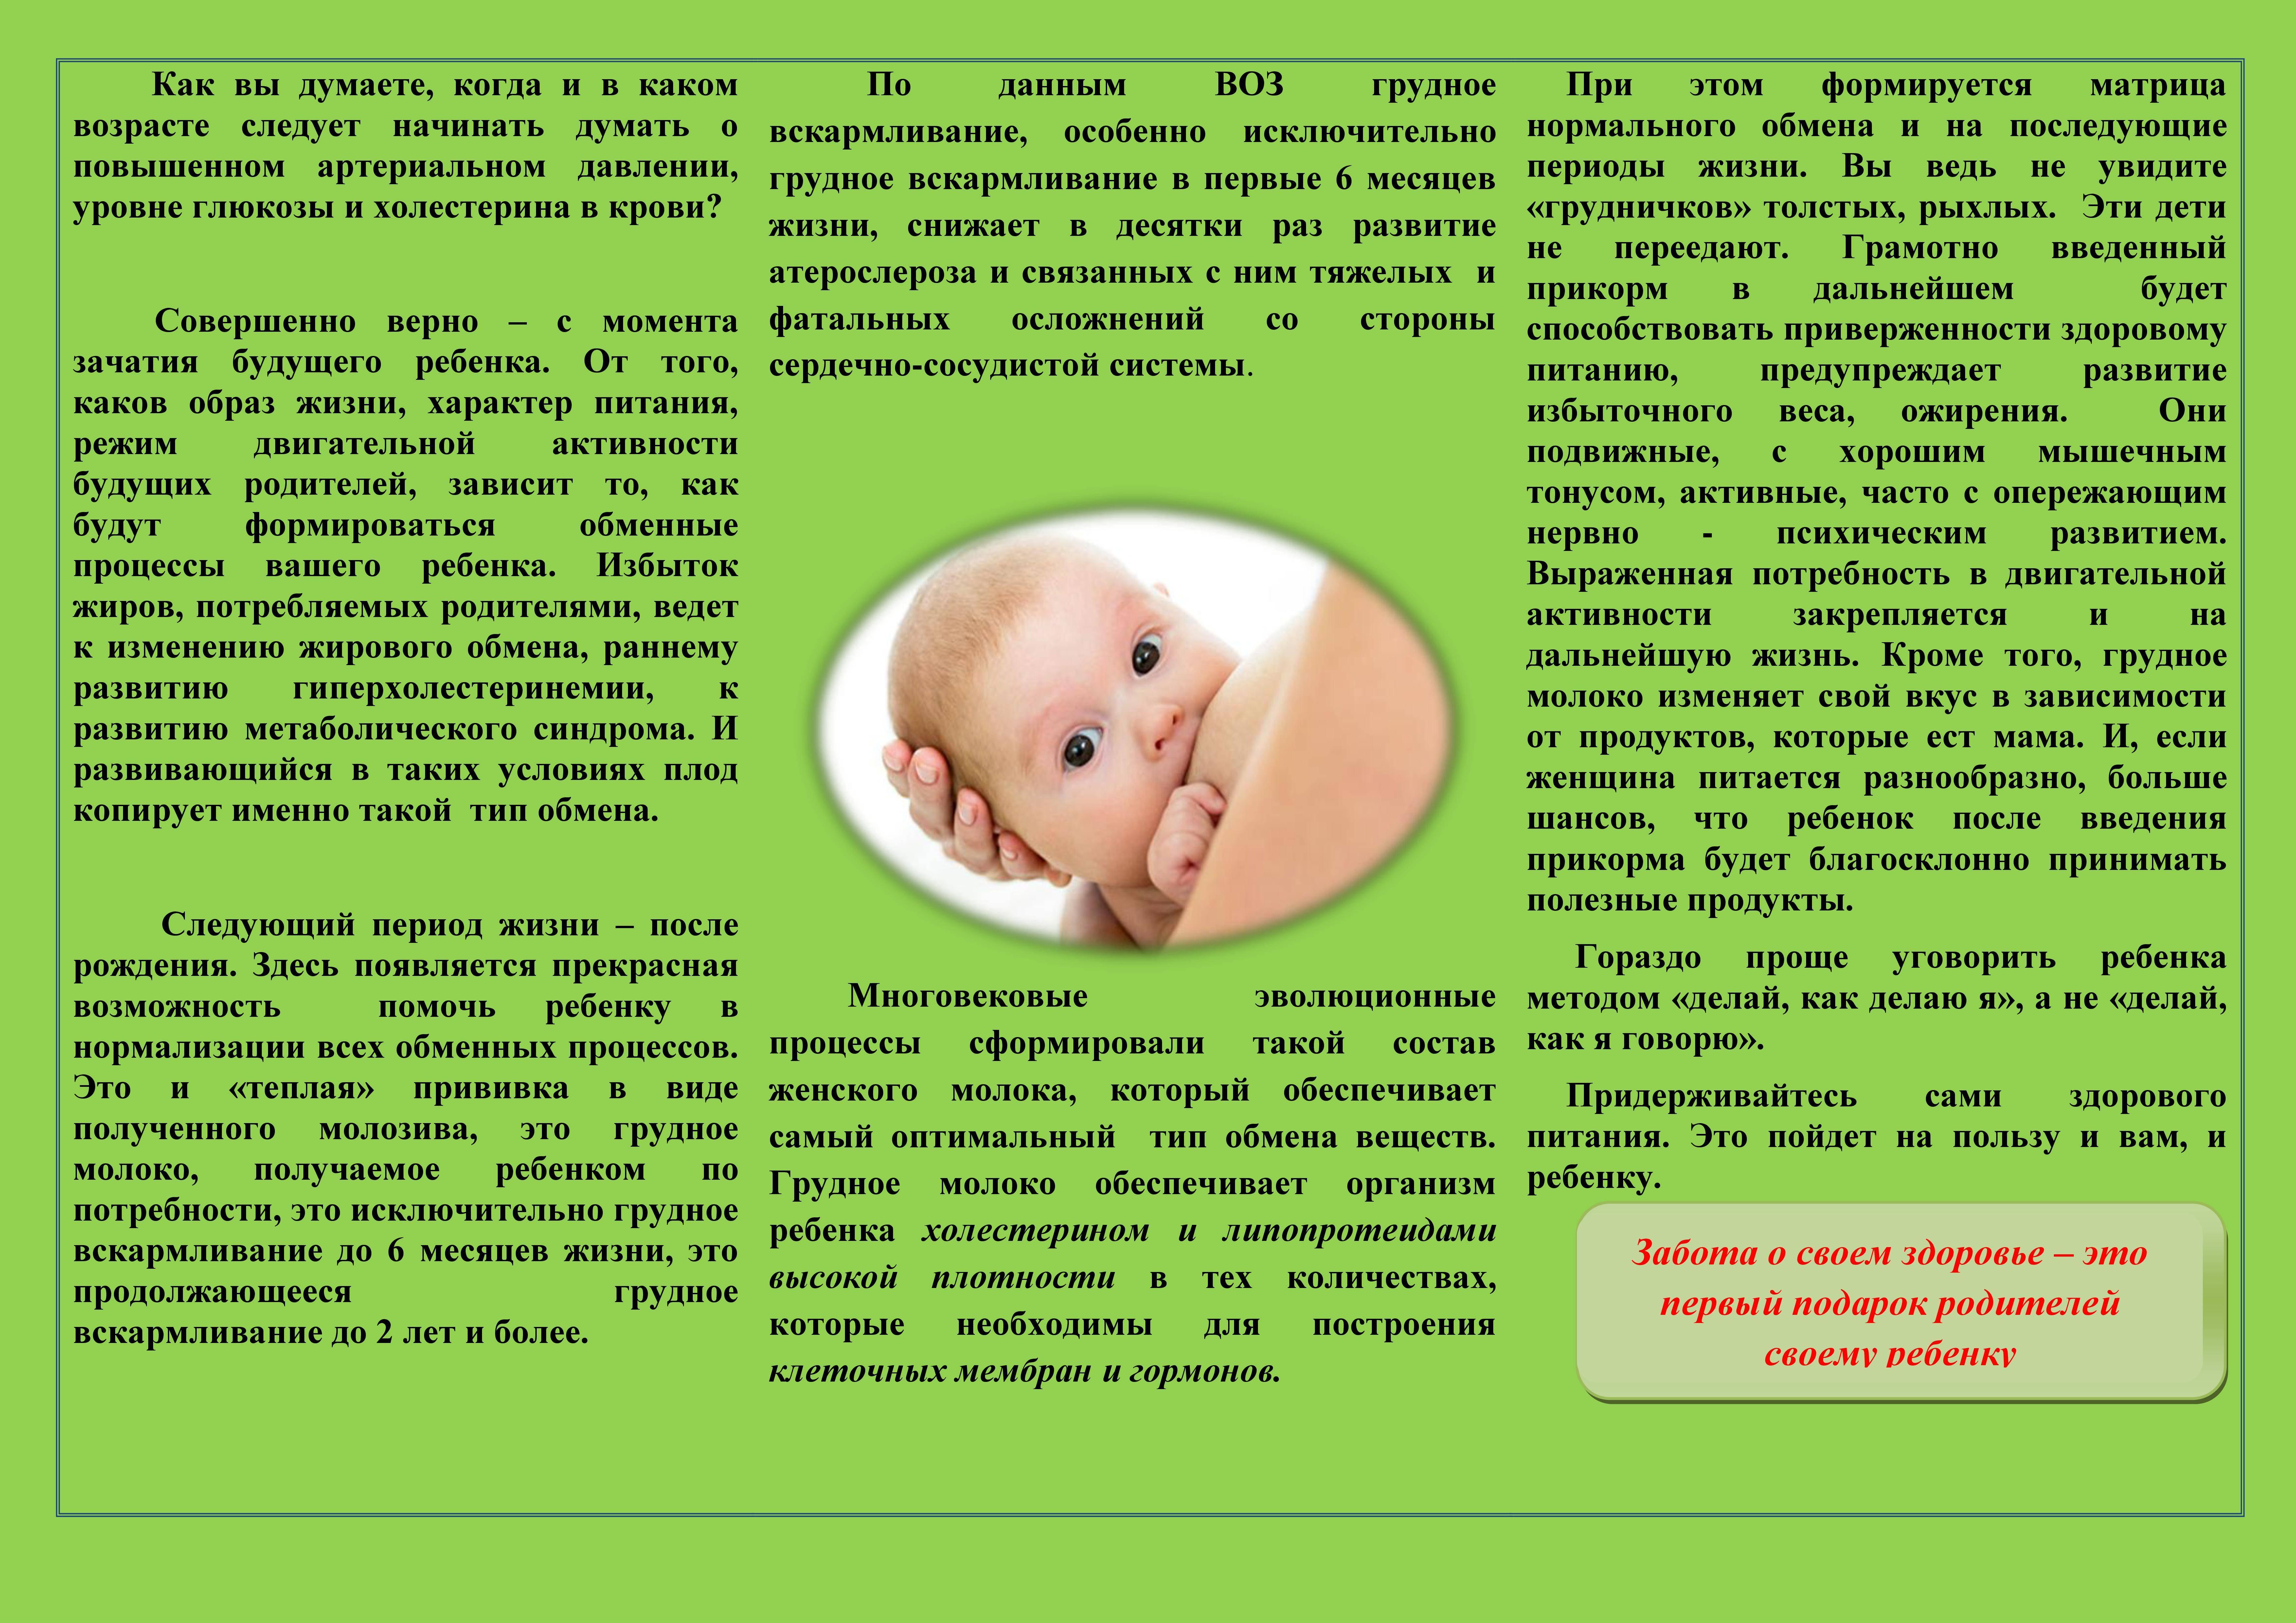 Гипотрофия. гипотрофия у детей раннего возраста: основные симптомы